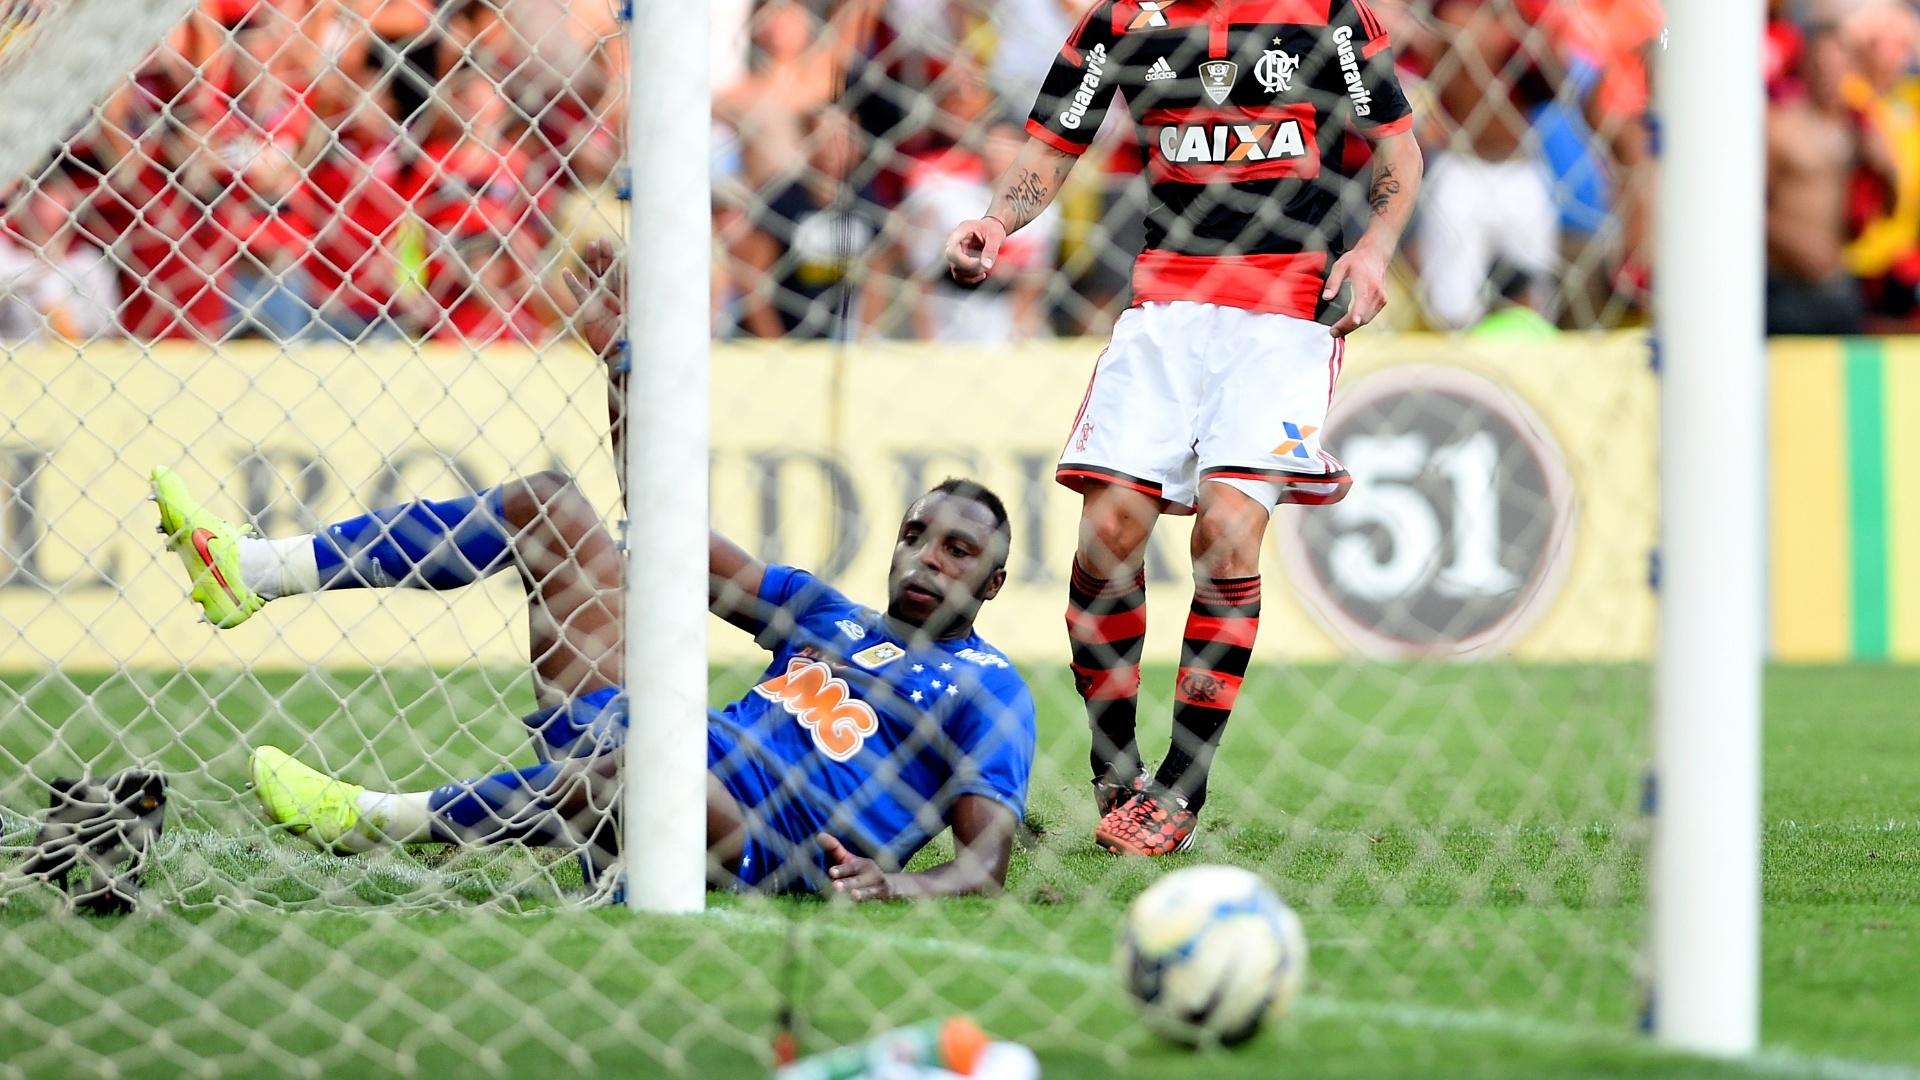 Canteros aproveita falha de Manoel para fazer segundo gol do Flamengo